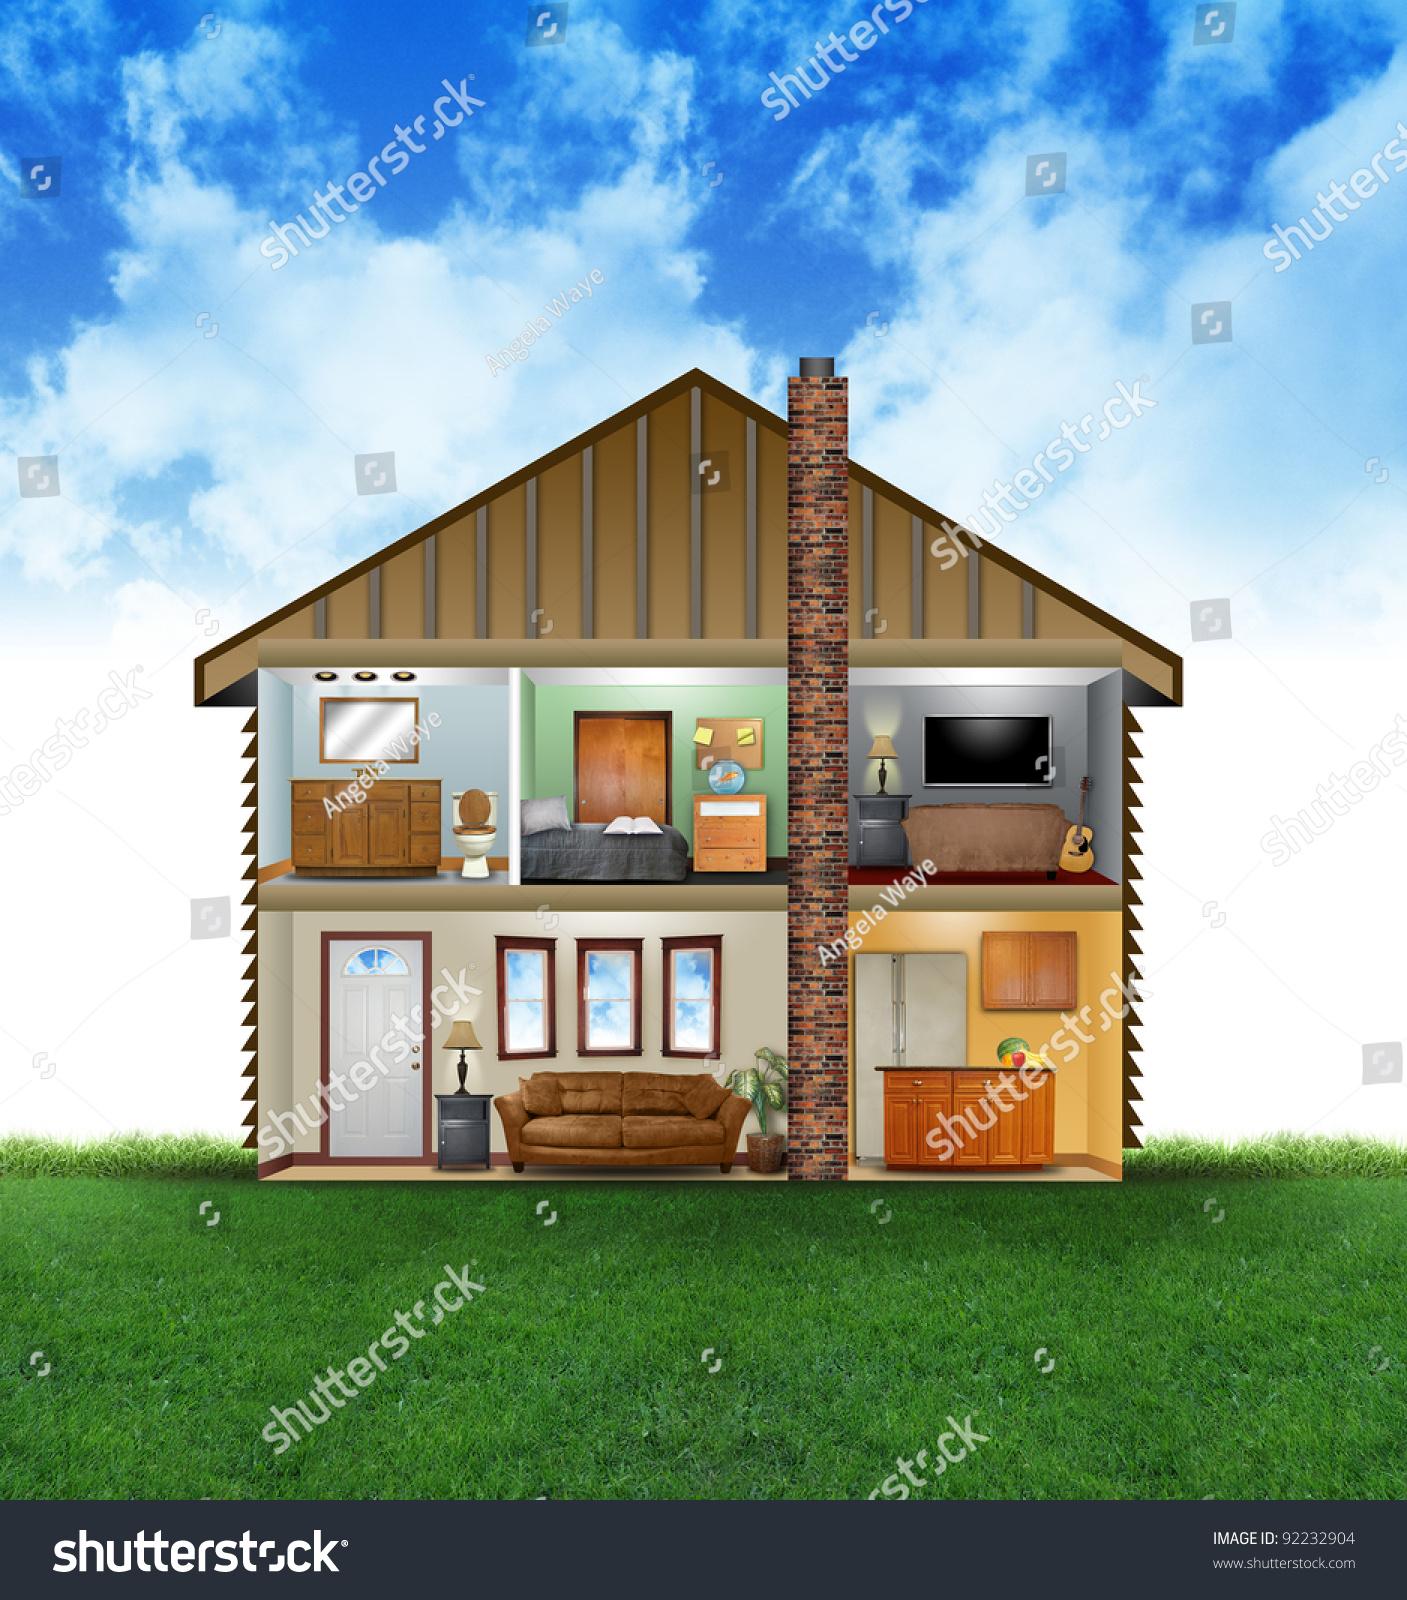 House Layout house layout | carpetcleaningvirginia